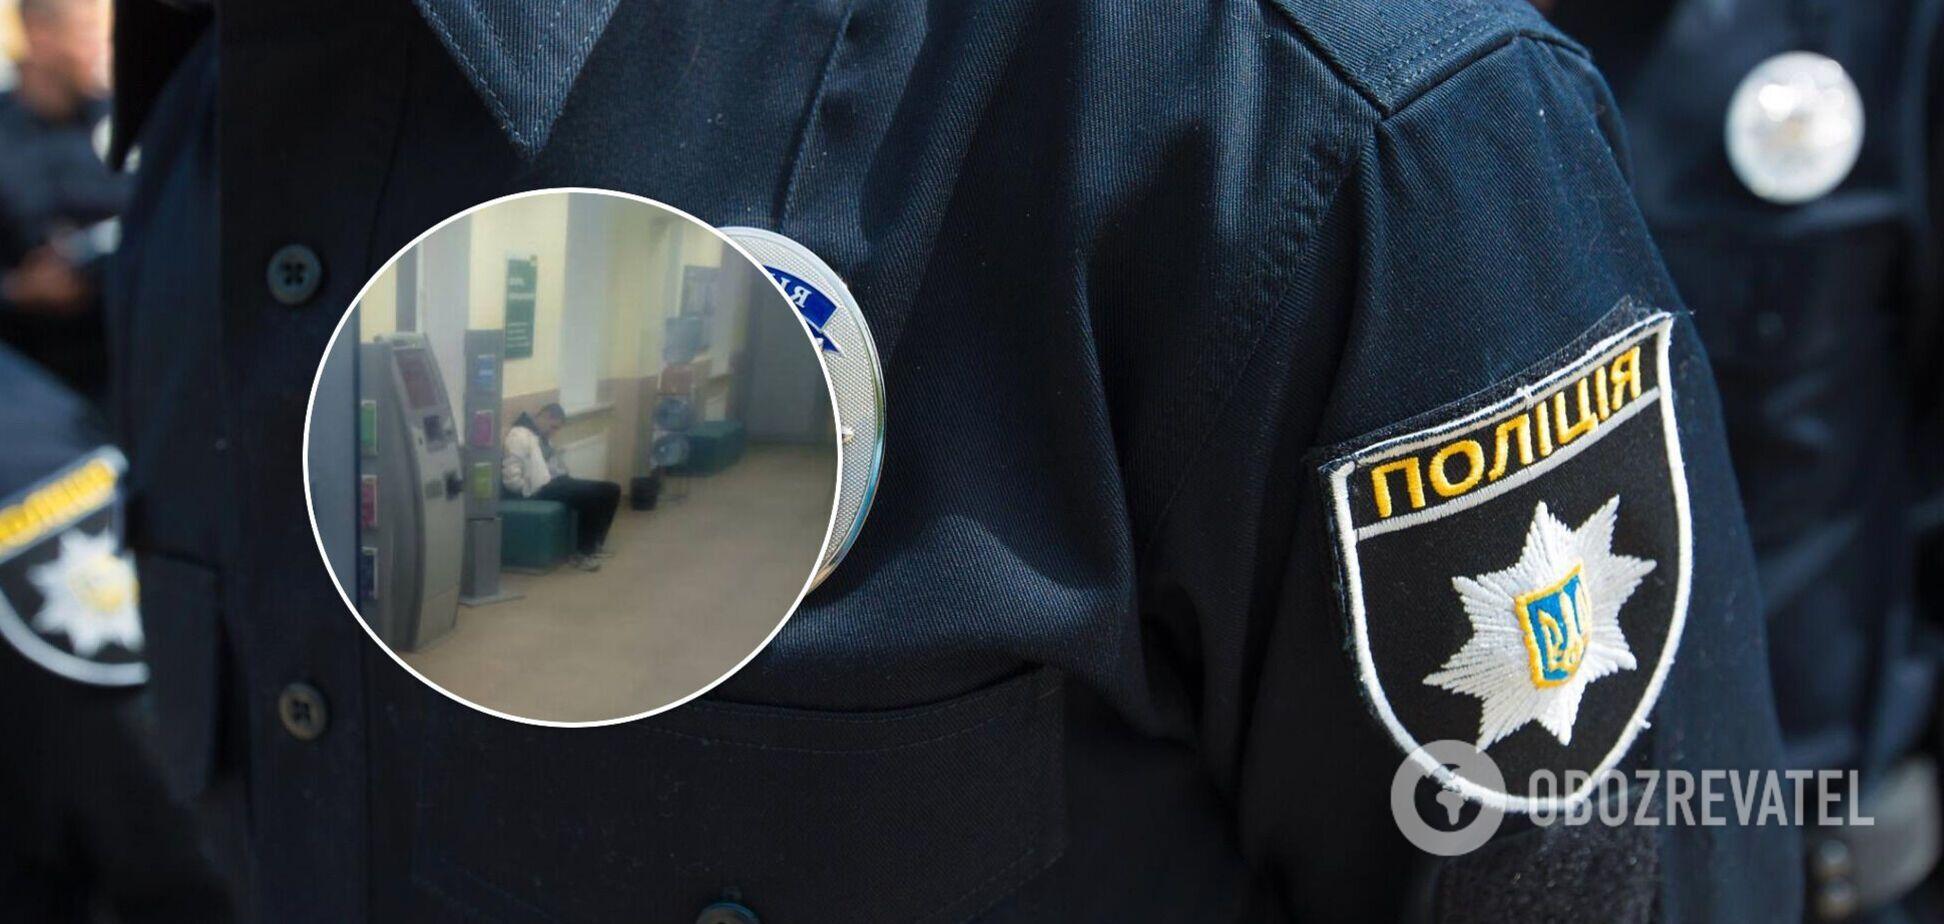 Мужчина оказал сопротивление сотрудникам охраны